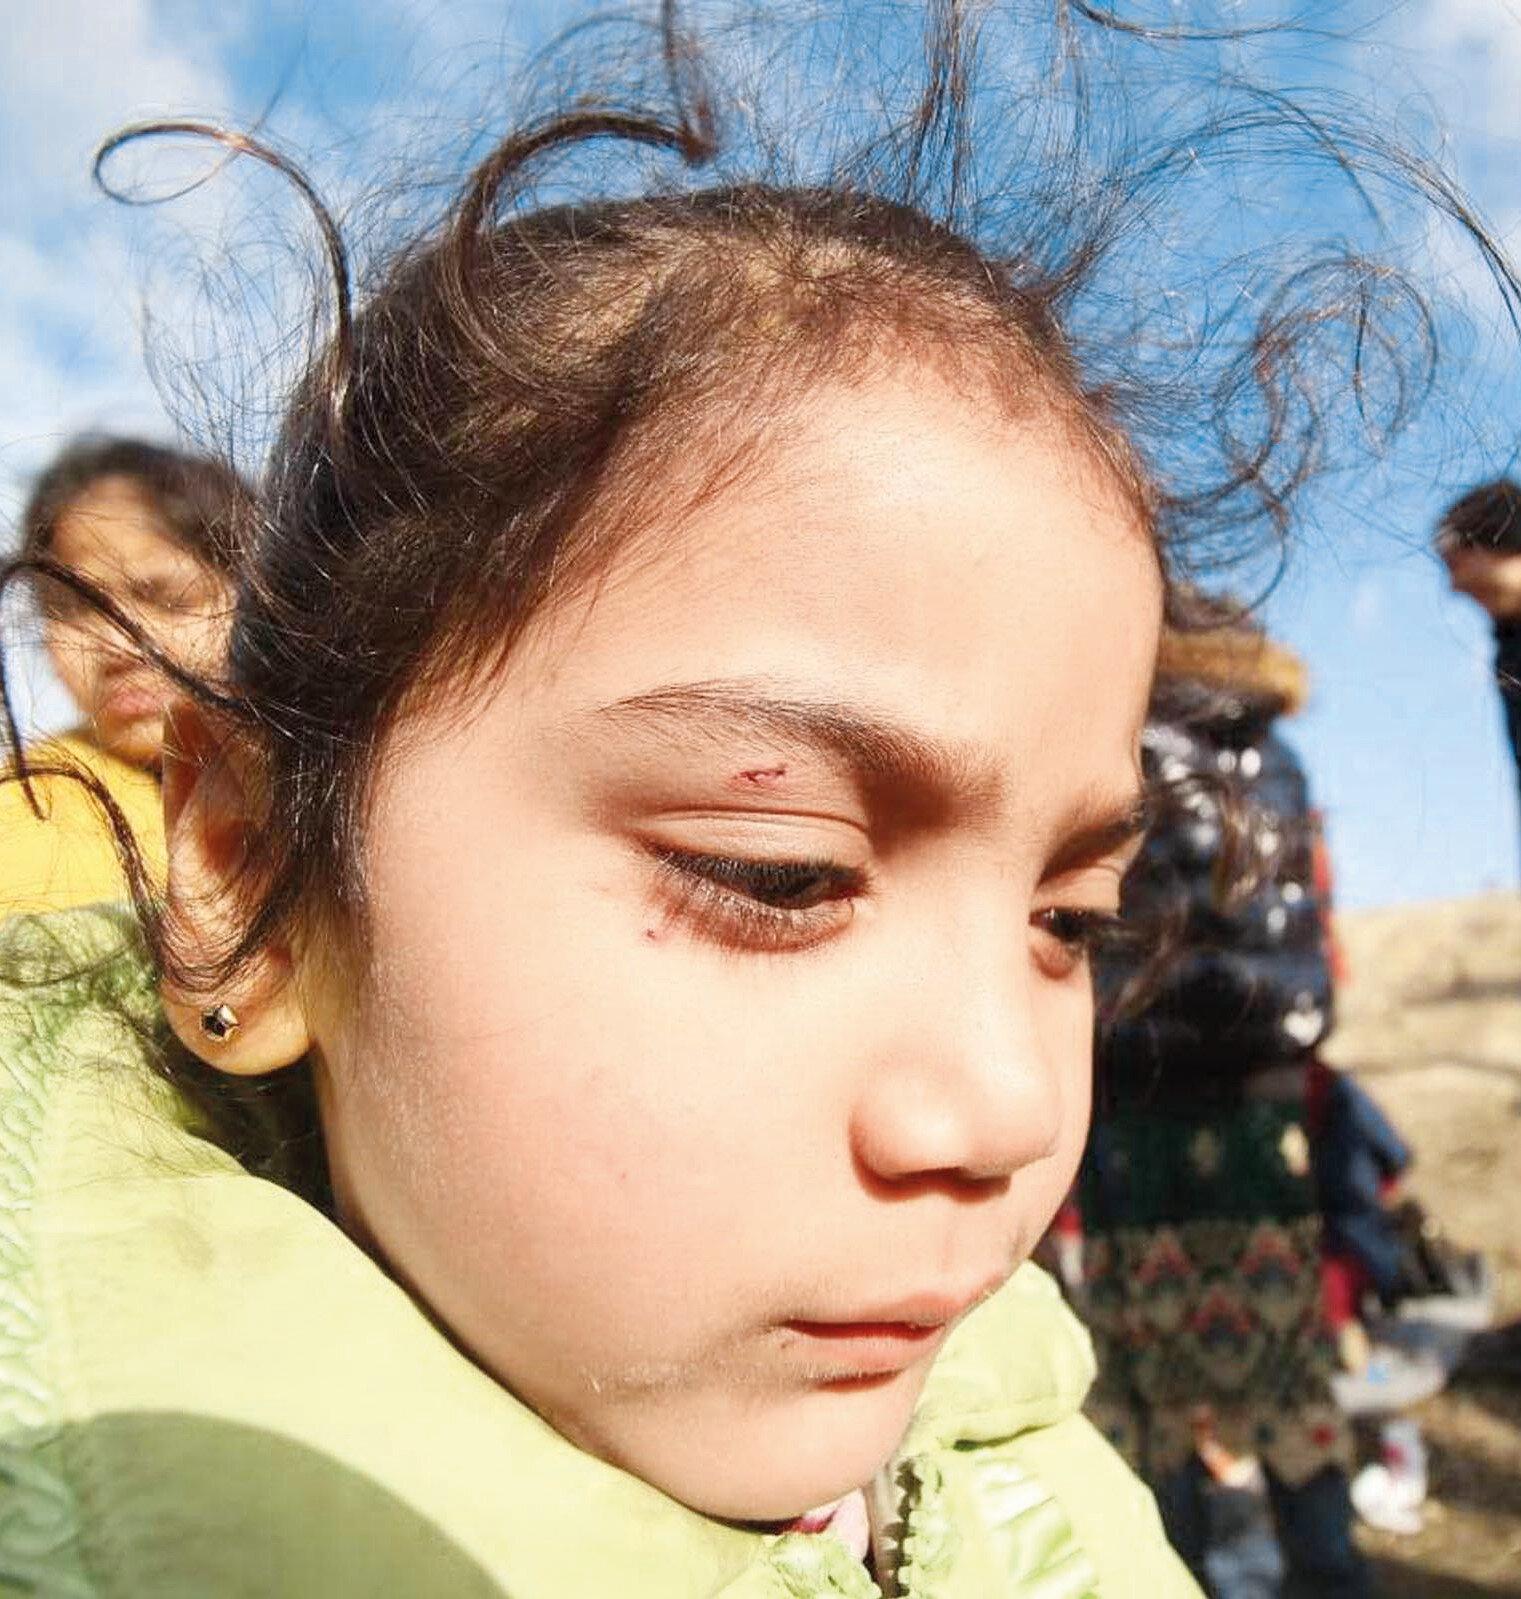 Yunan askerlerin müdahalesi sonucu çocuklar yüzlerinden yaralandı.